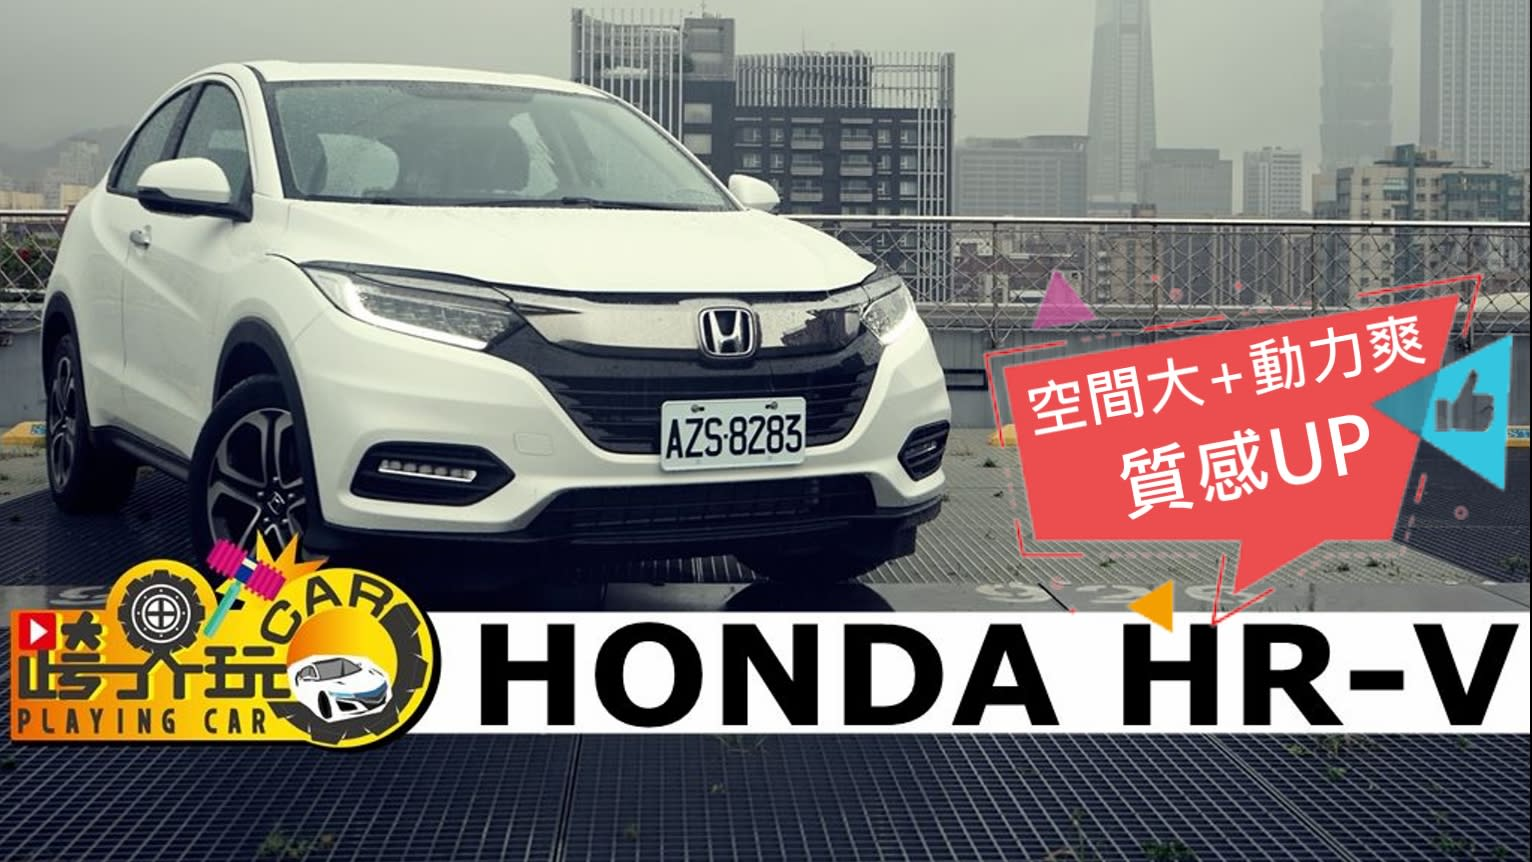 HONDA HR-V小改款試駕 質感全面升級